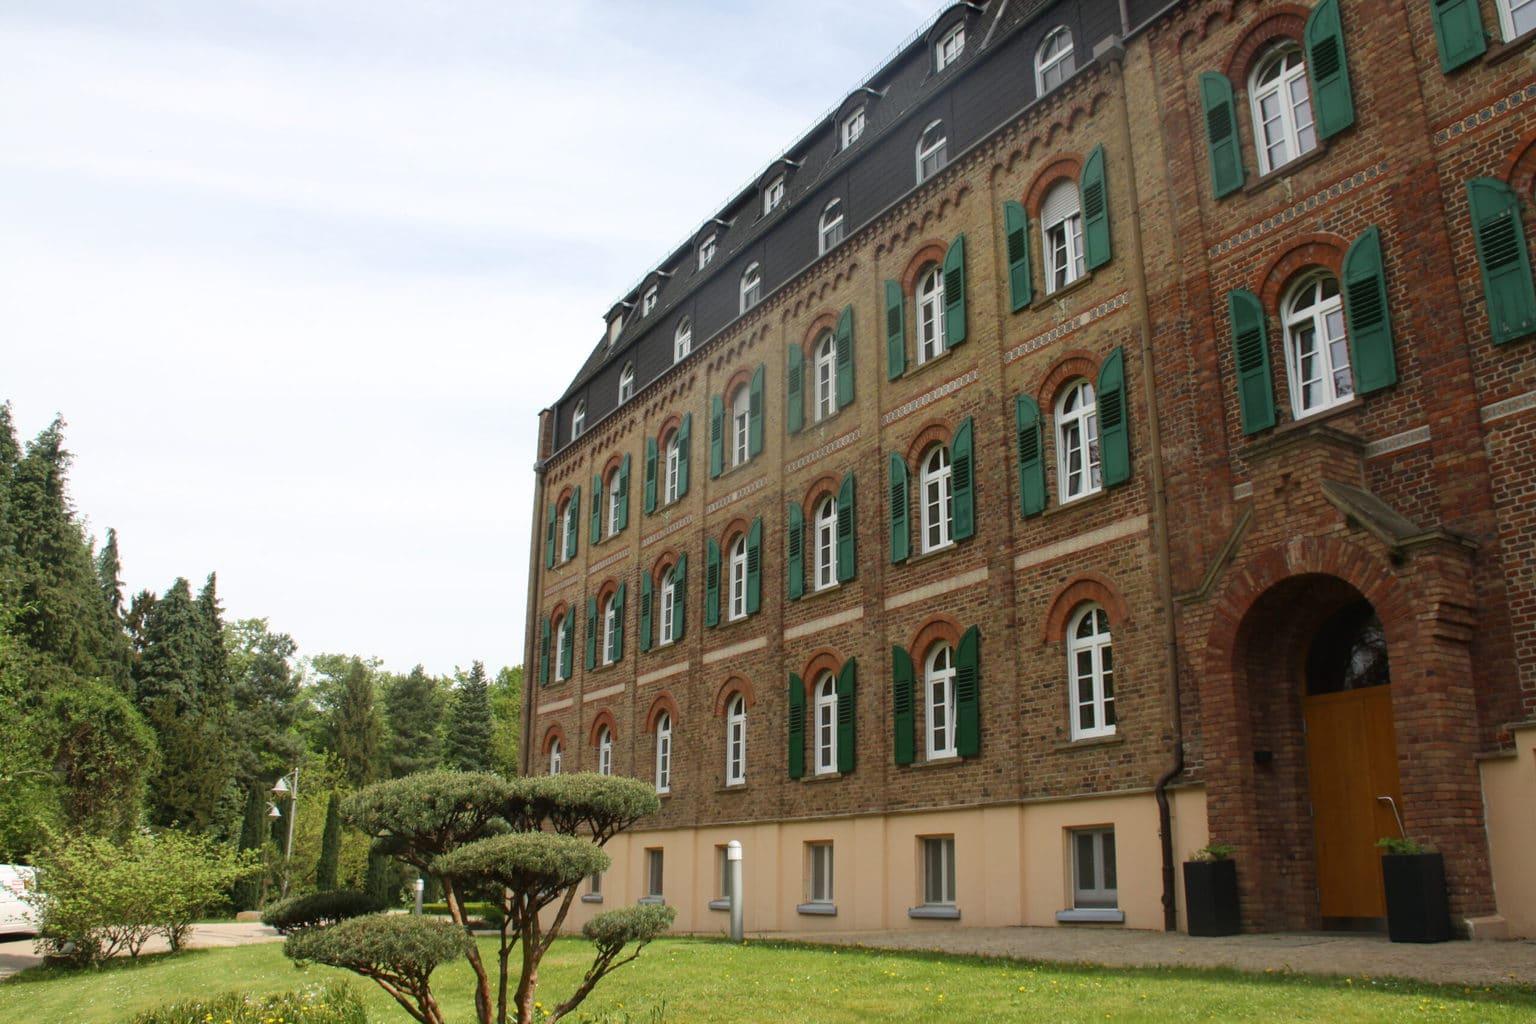 Kloster Arenberg bij Koblenz staat open voor bezeokers